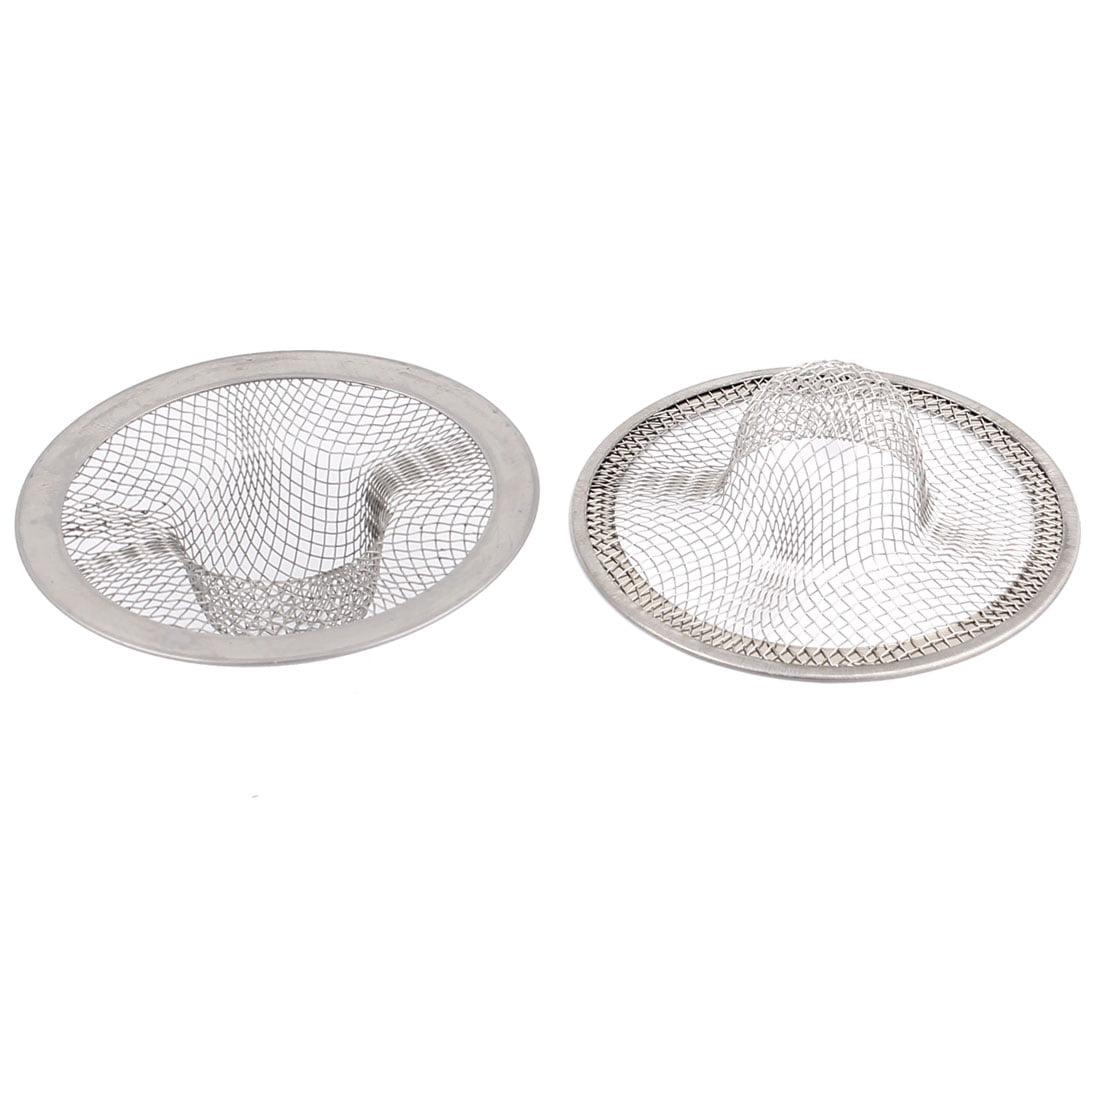 2pcs Metal Mesh Hole Design Basin Sink Drain Strainer Stopper by Unique Bargains